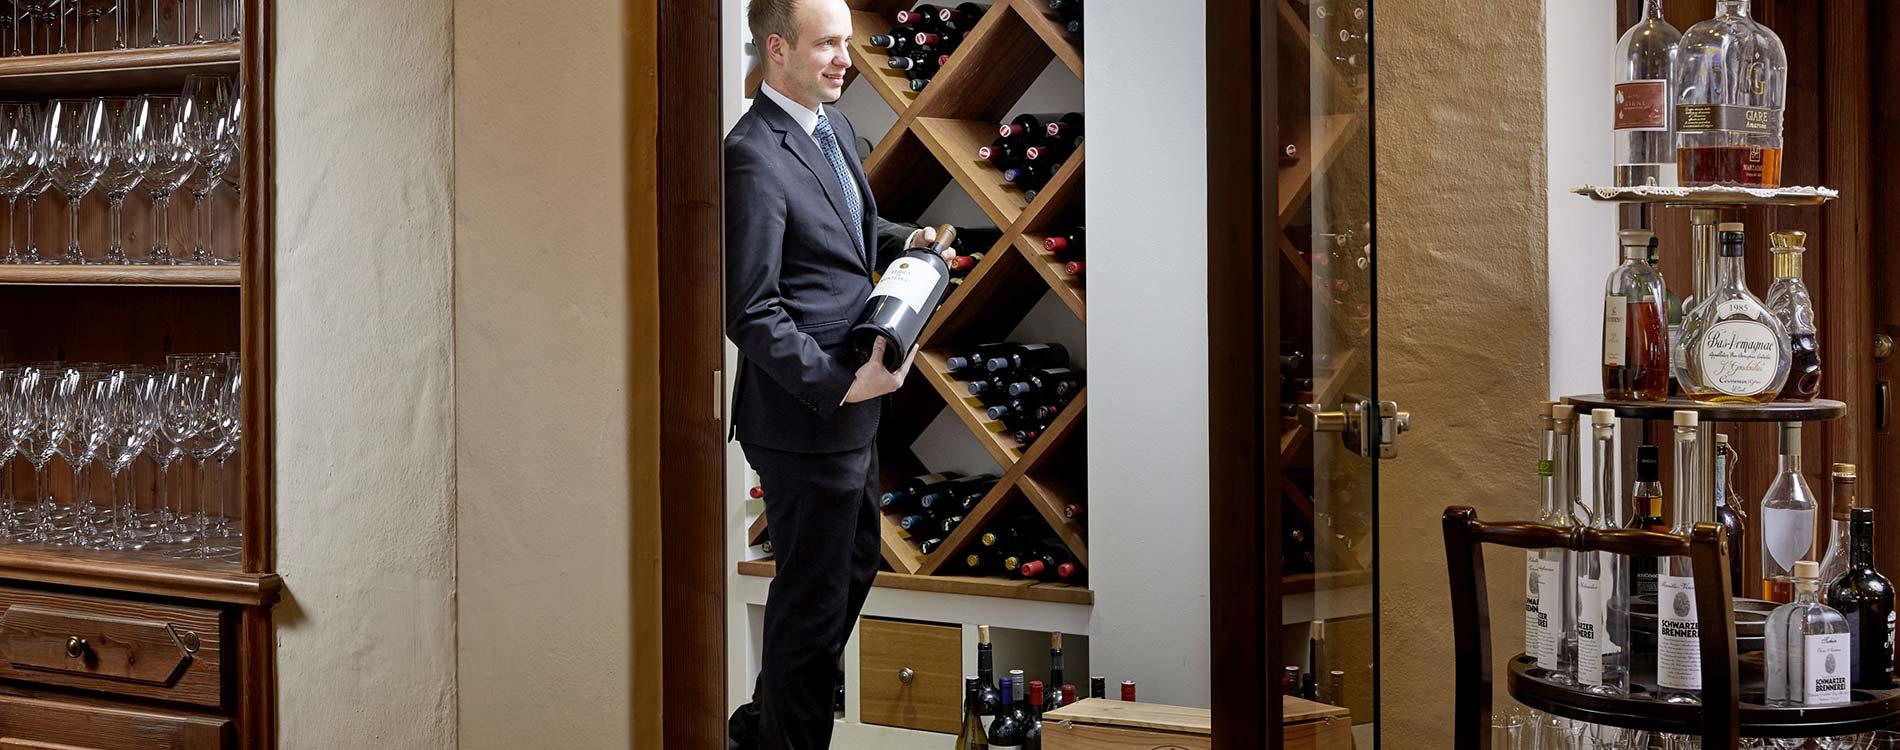 Wine tasting breaks | ALPENrose | Kufstein, Tyrol | Niche Destinations